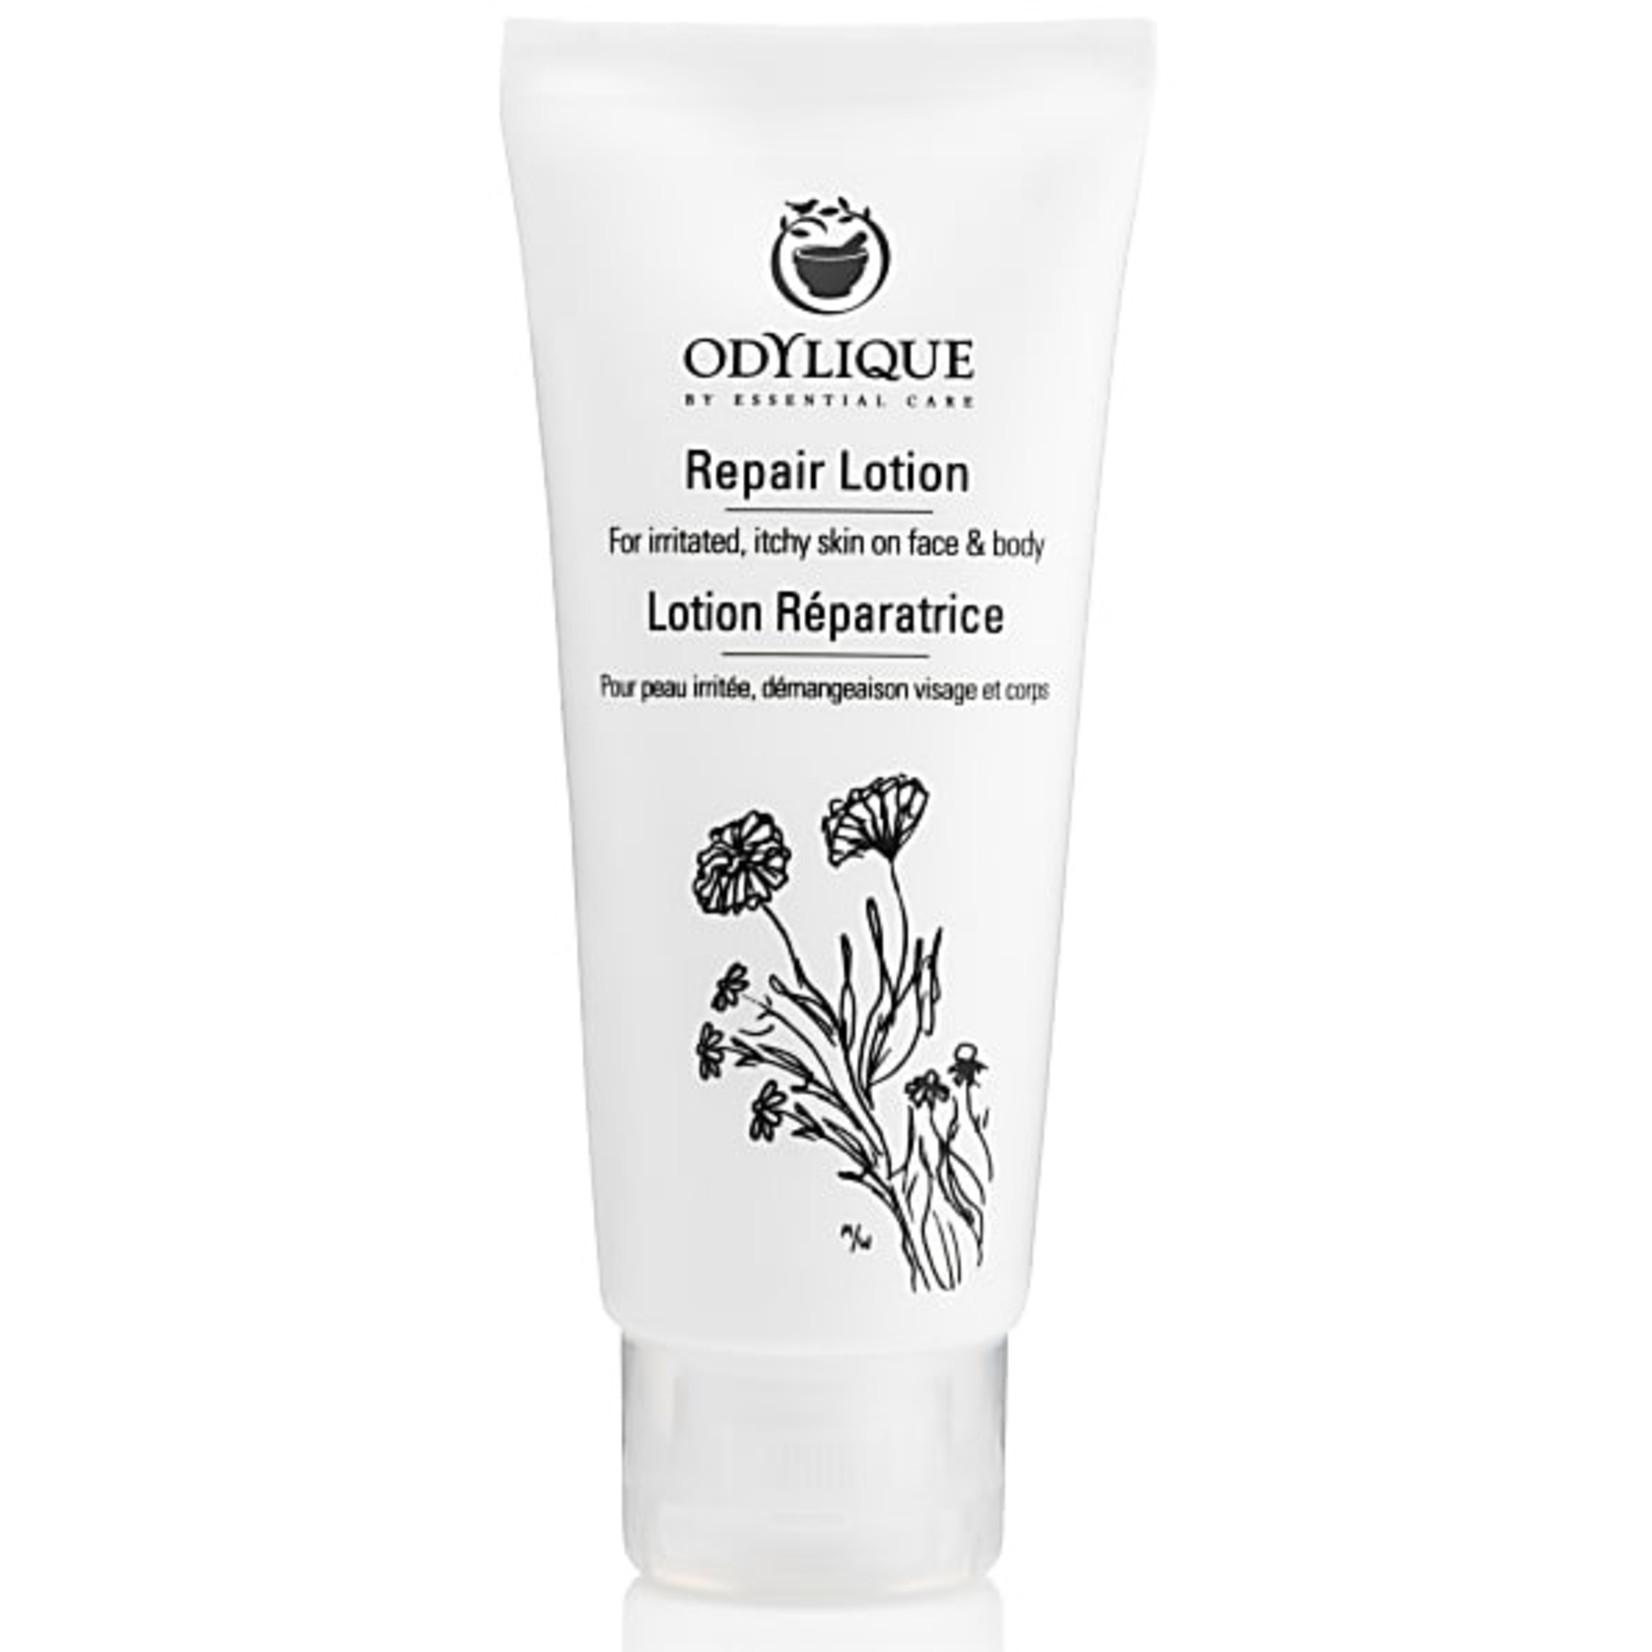 Odylique Odylique Repair Lotion - hydratatie voor de eczeemgevoelige huid 60ml